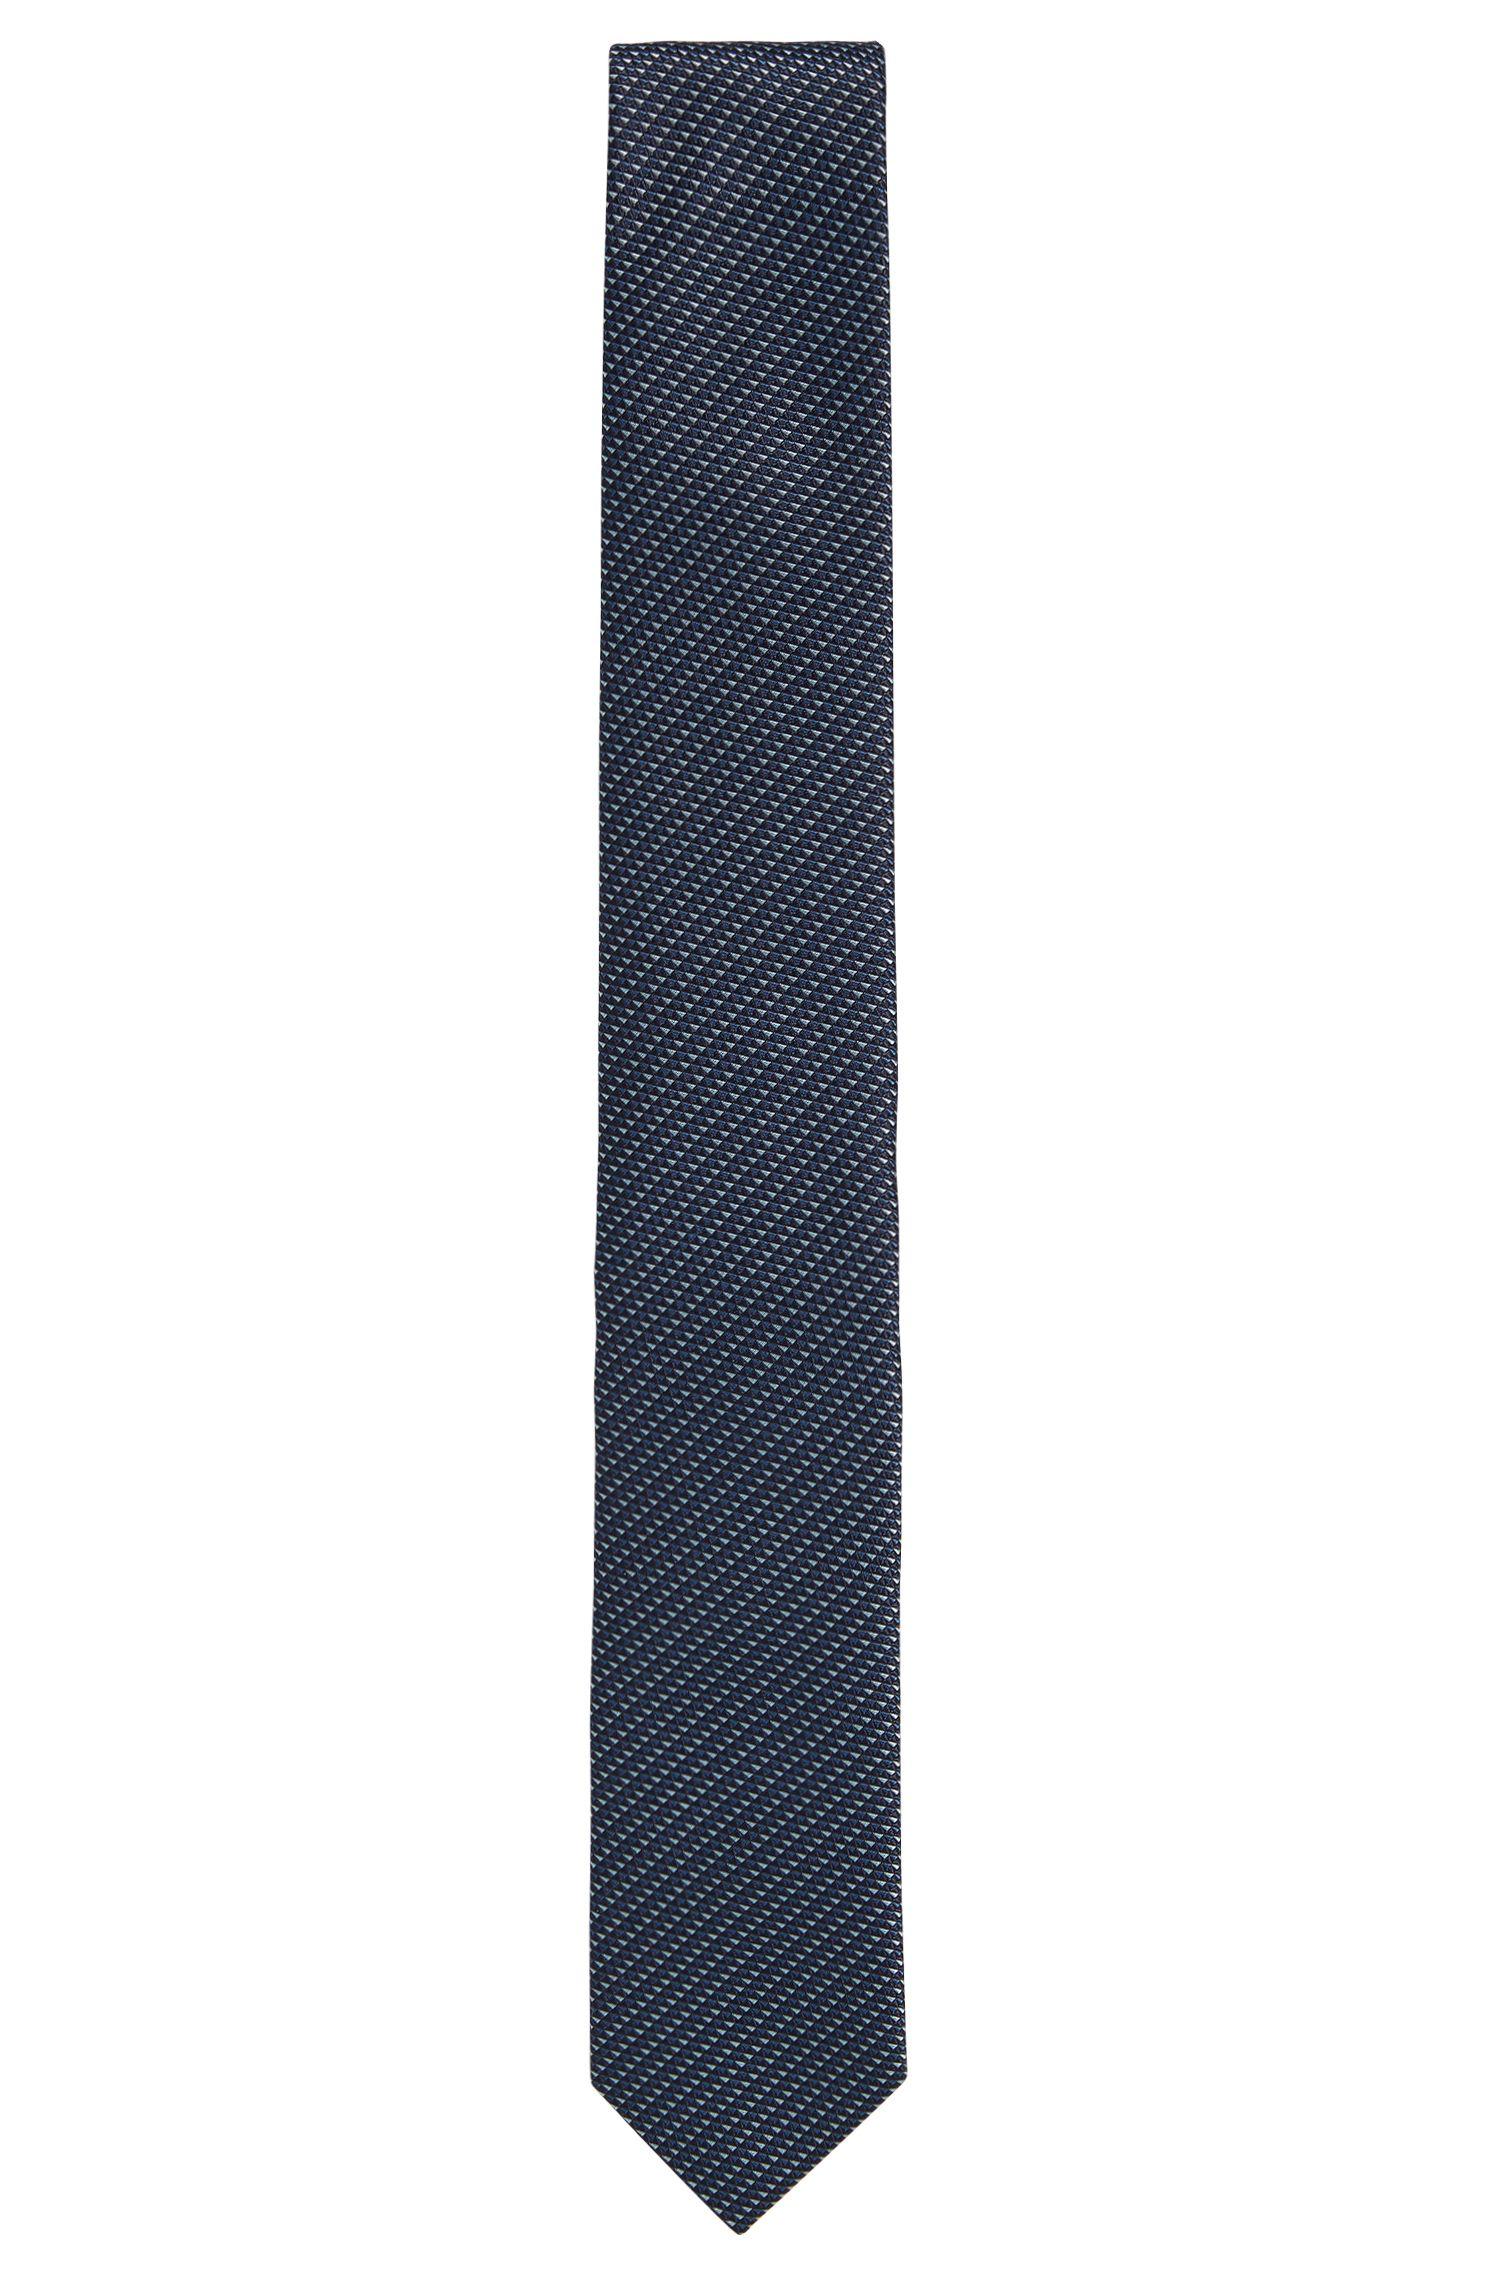 Cravate en soie à micro-motif sophistiqué